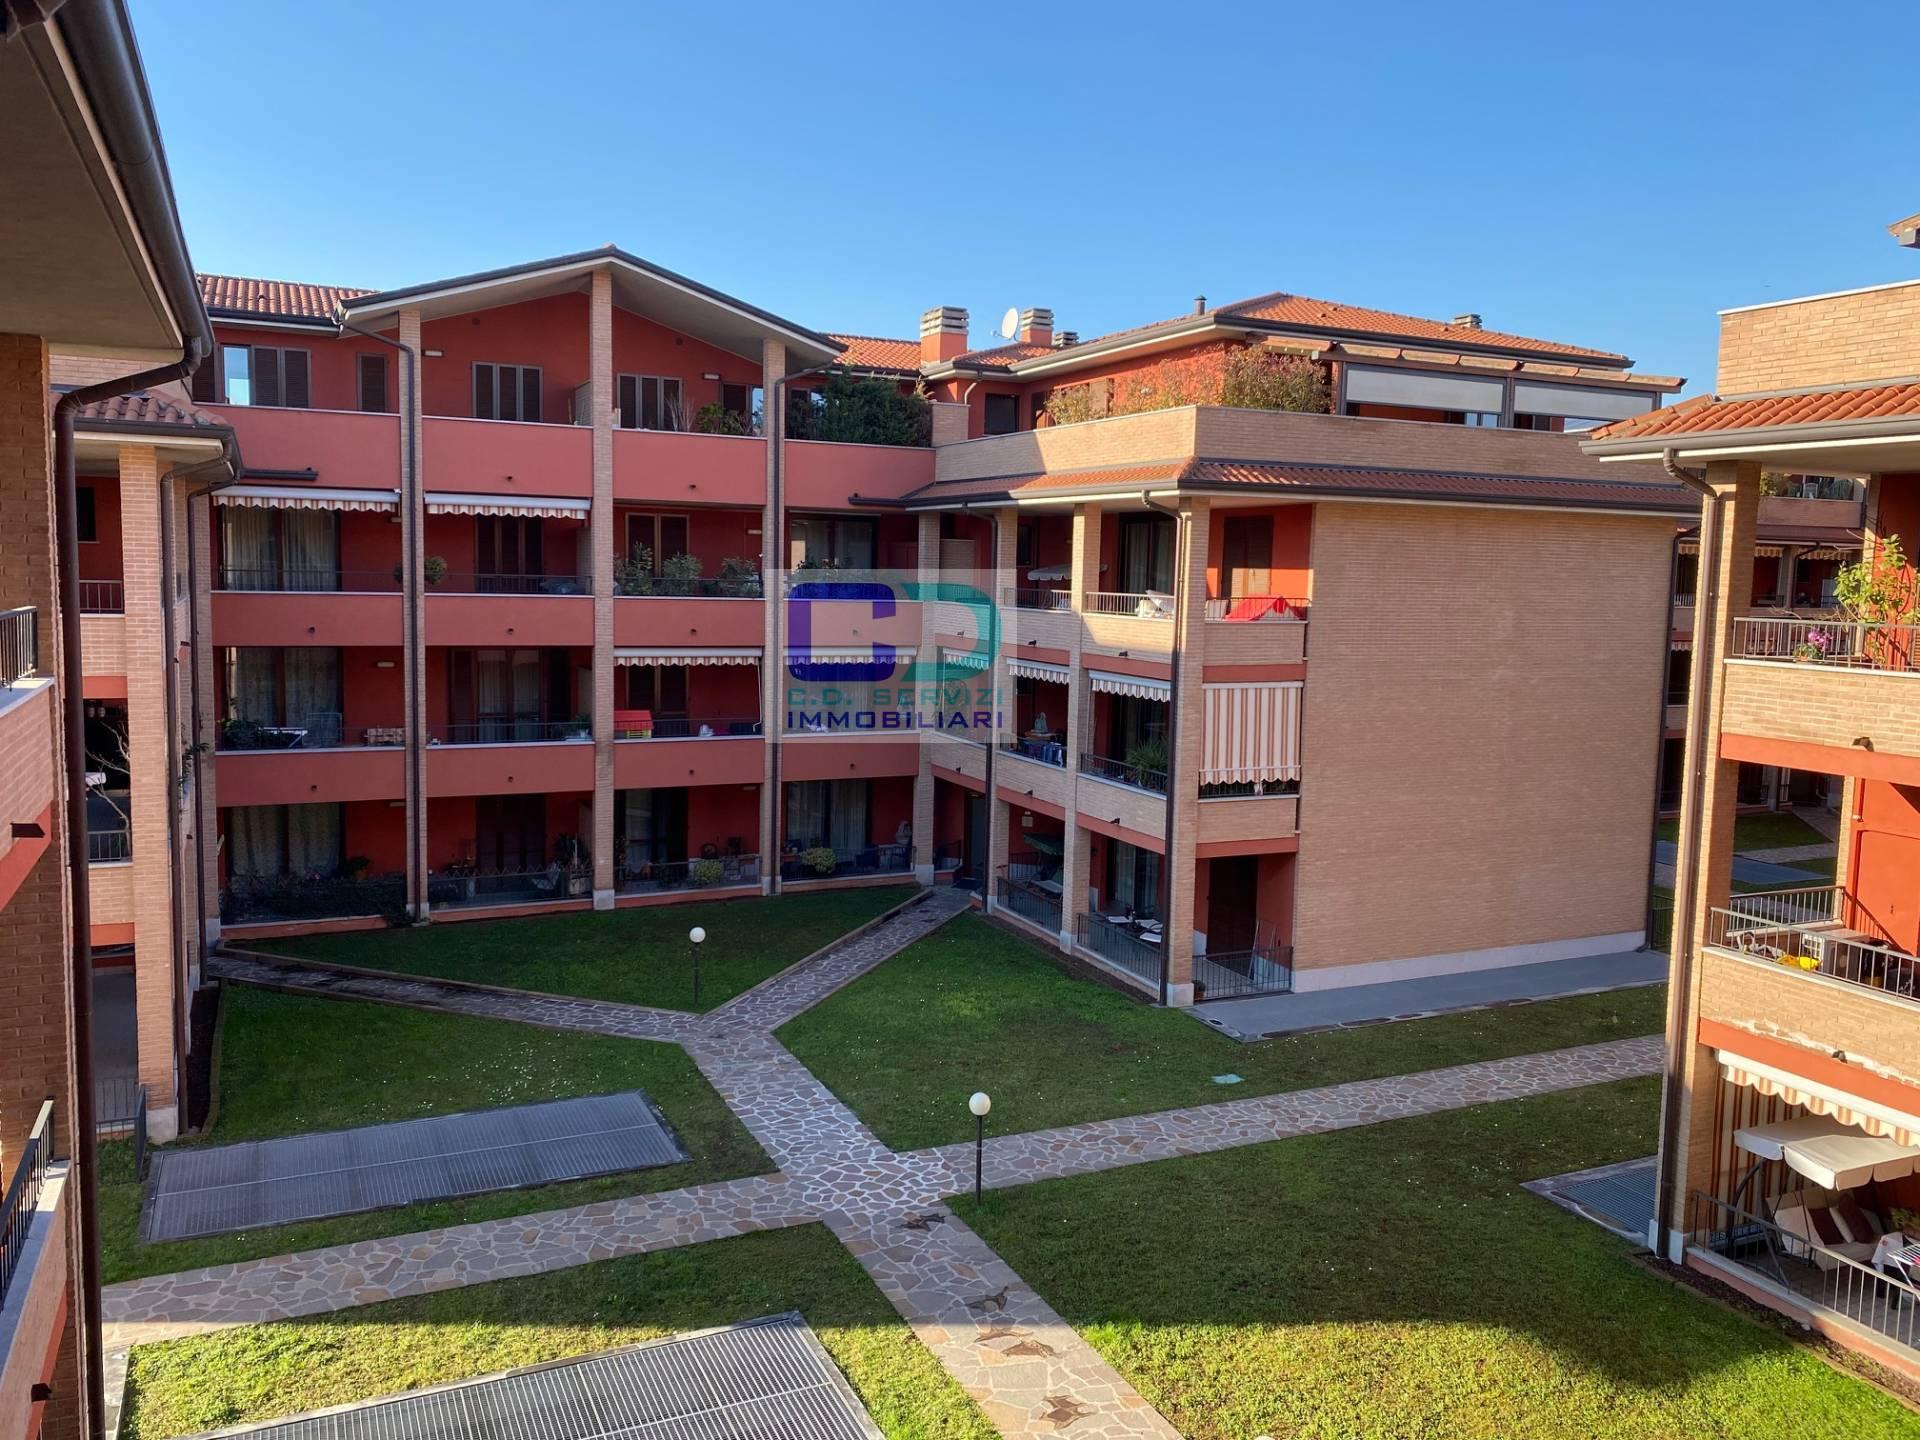 Appartamento in affitto a Cassano d'Adda, 2 locali, prezzo € 650 | CambioCasa.it